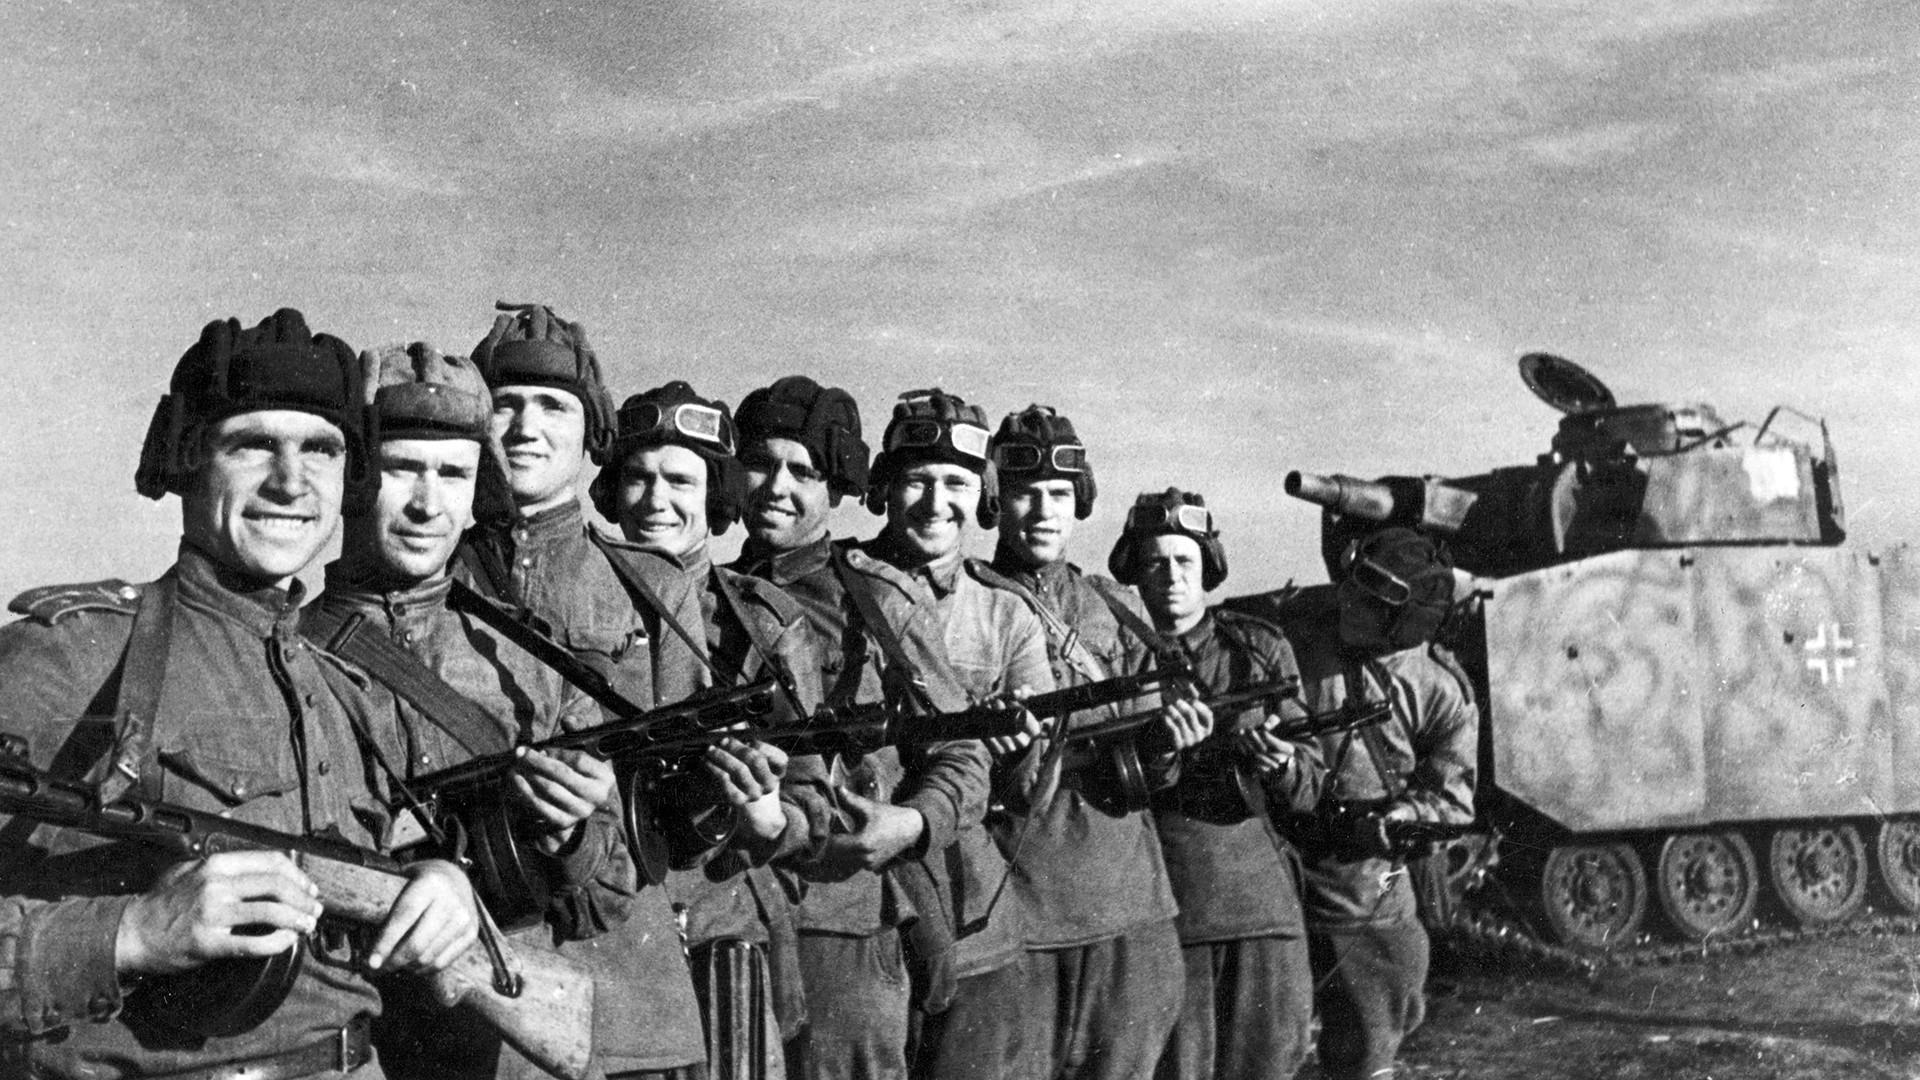 7月1943年、オリョール~クルスク方向、ザクレフスキー 部隊長(左)が指導した偵察兵たちが、重要な書類を乗せたドイツの戦車を捕らえた。